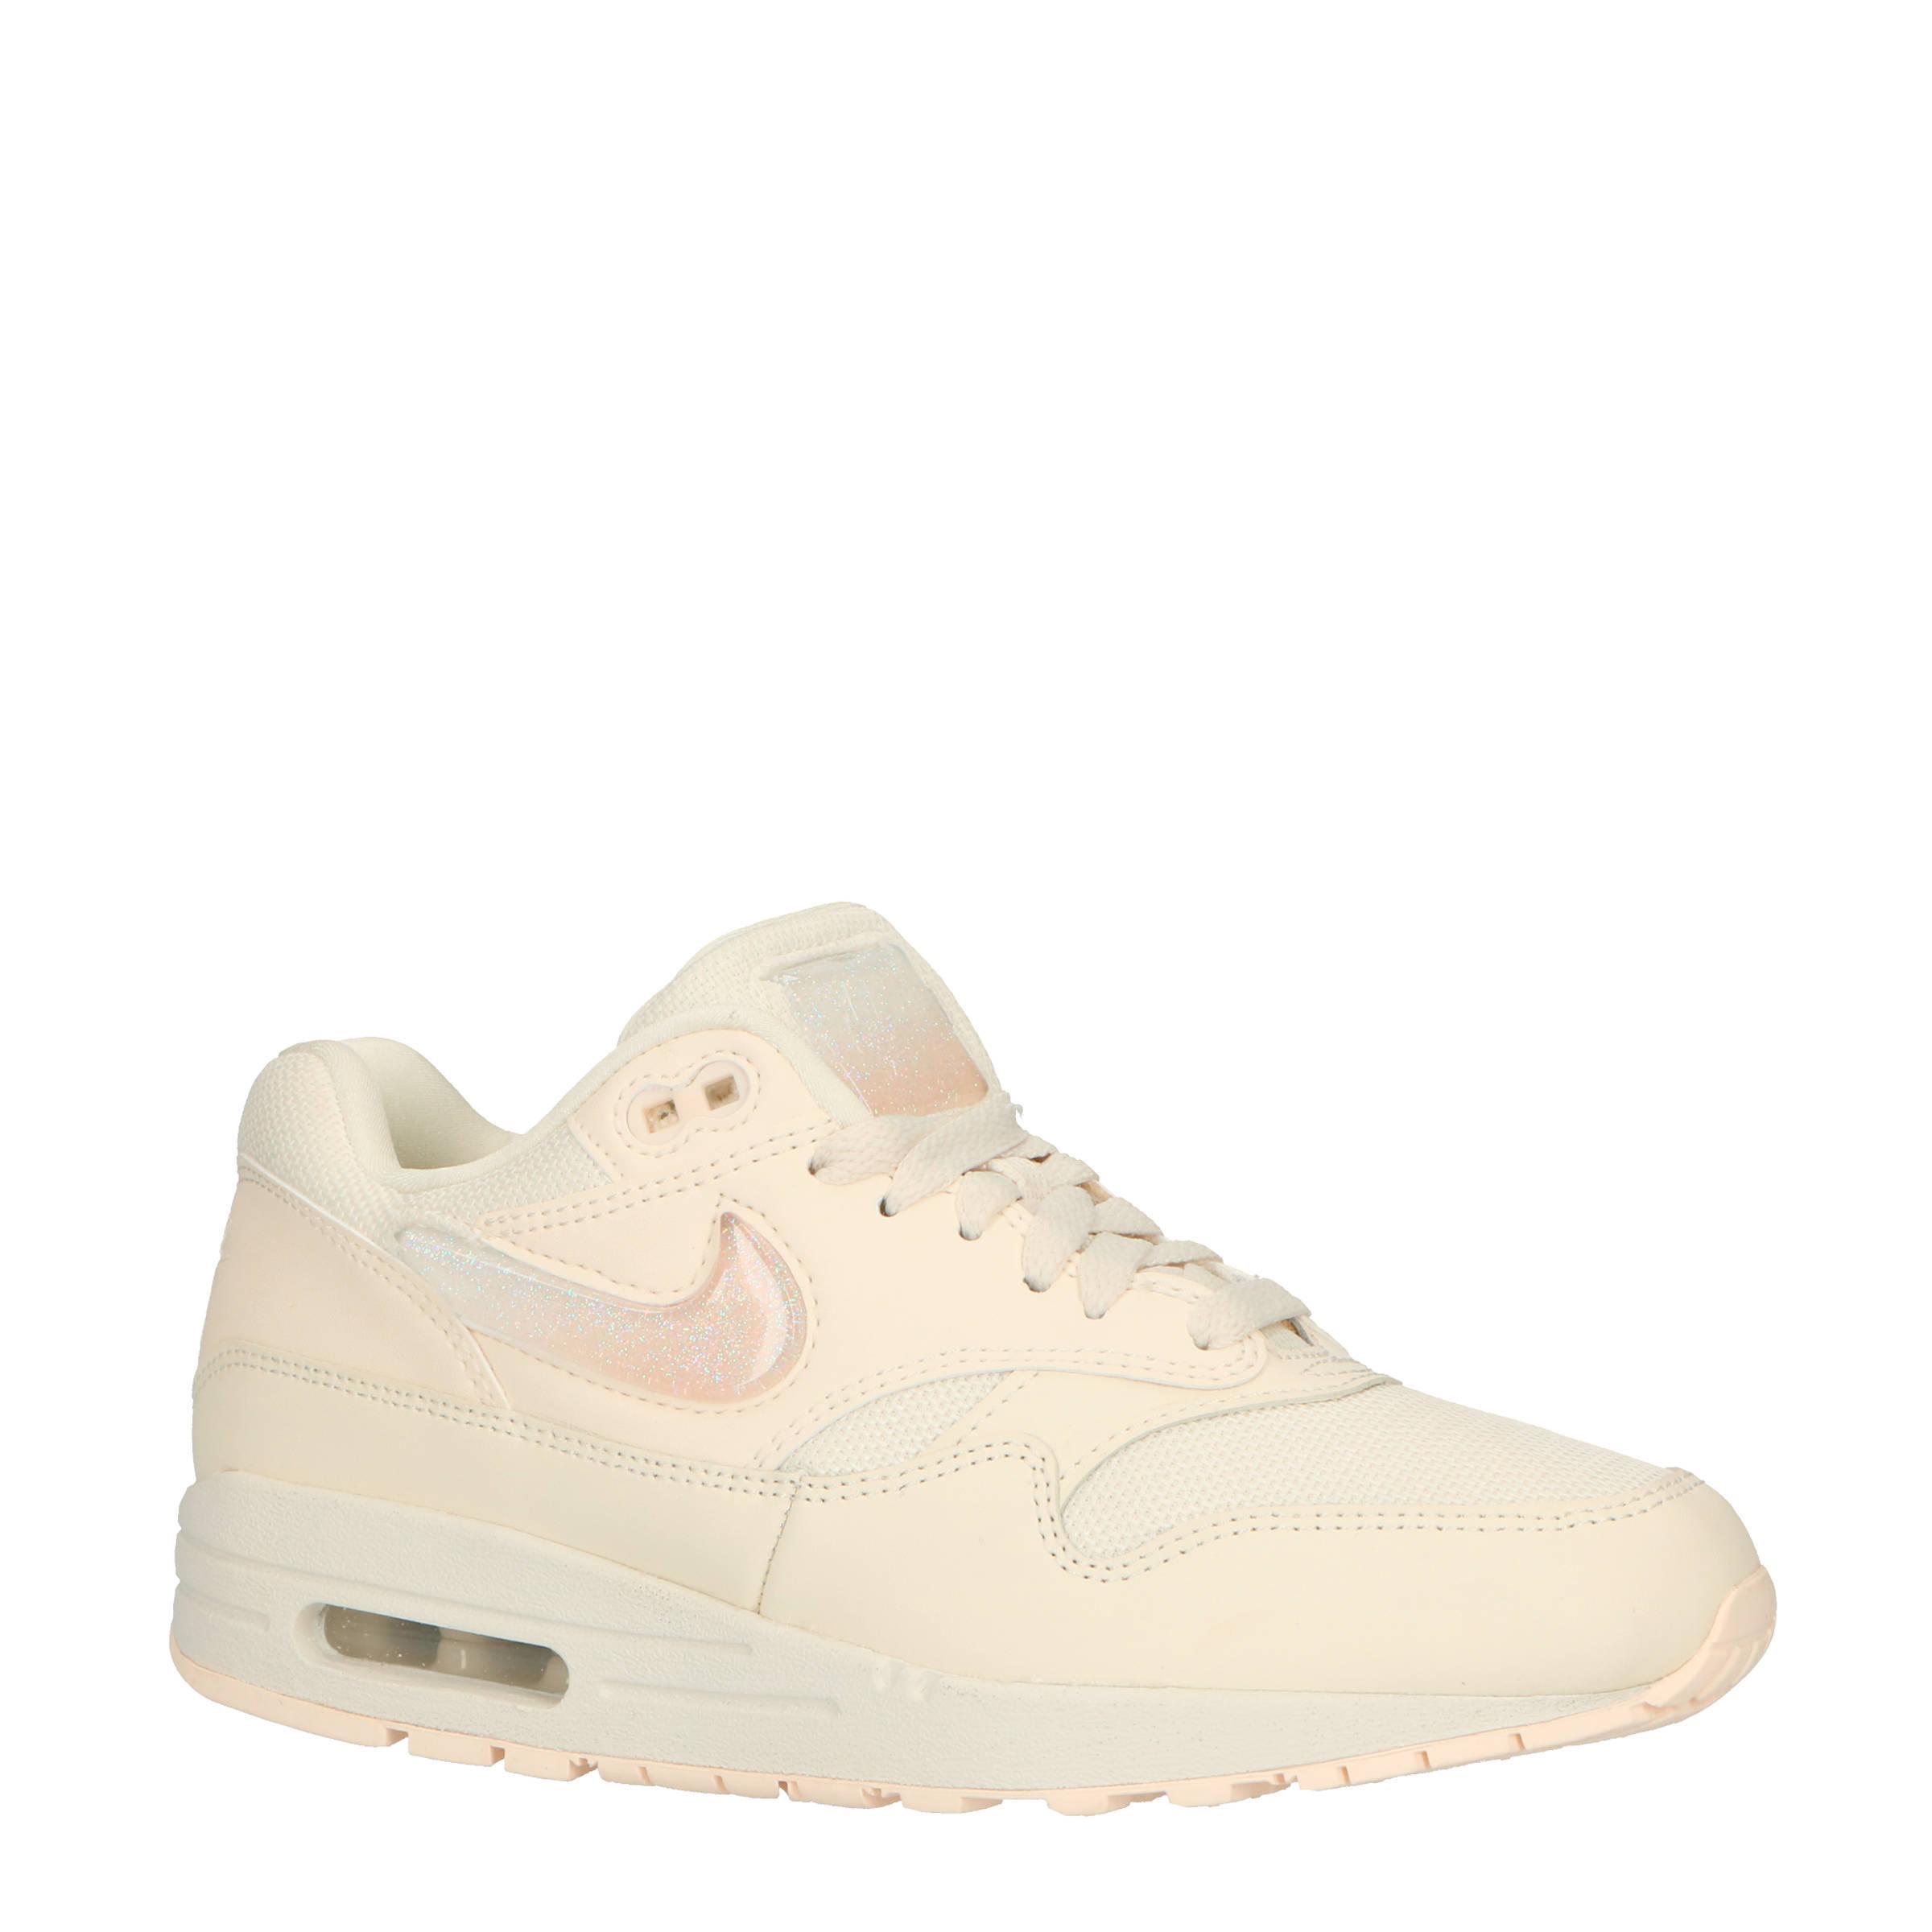 Wehkamp Ecru 1 Sneakers Air Jp Nike Max nEqYXO0wR